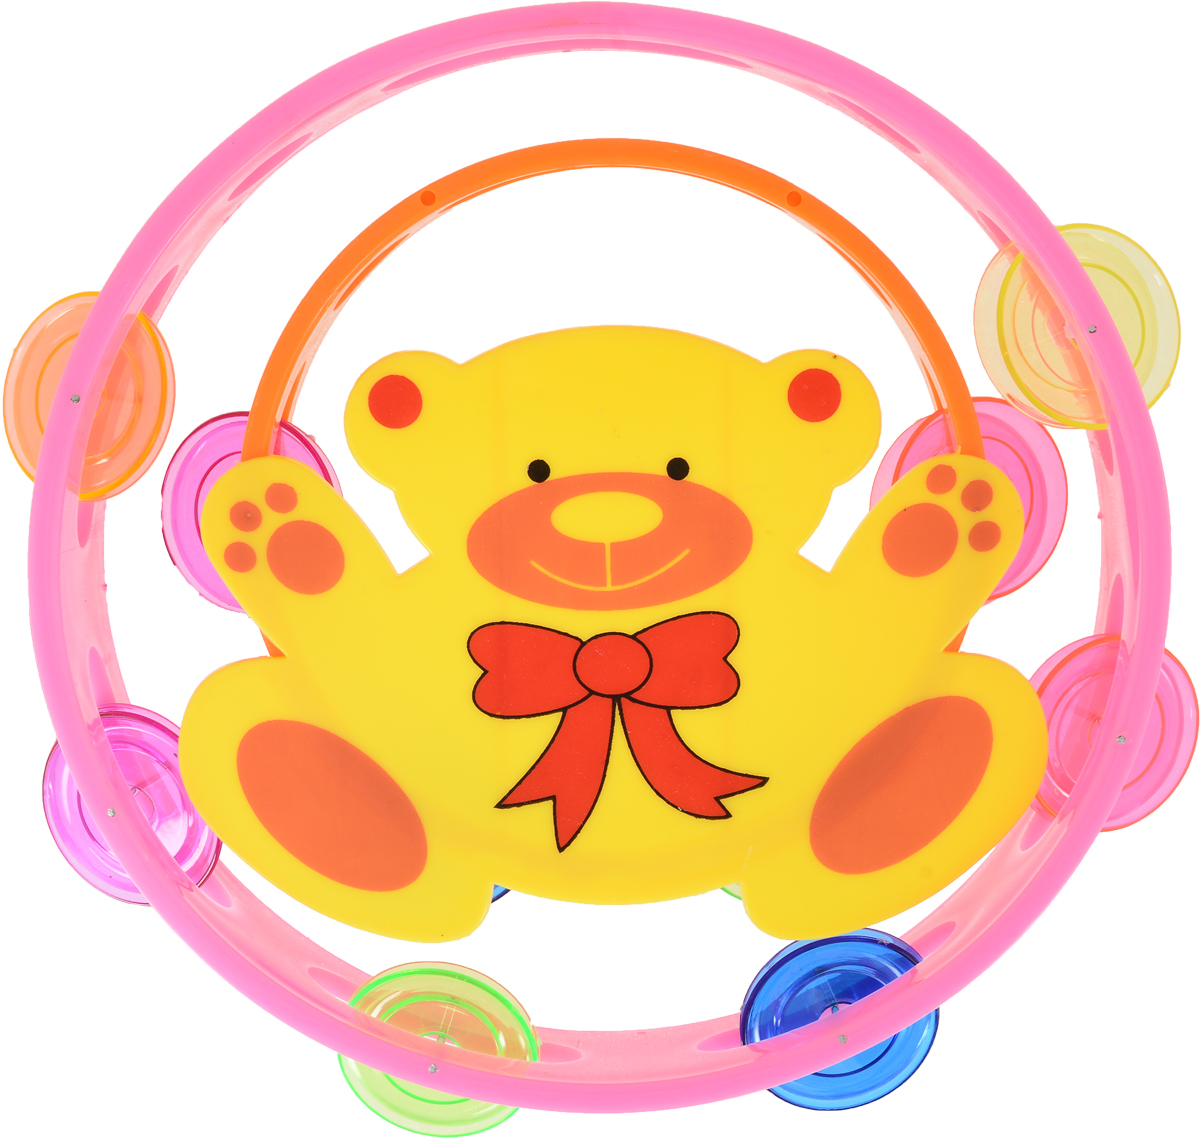 Shantou Gepai Набор бубнов цвет розовый оранжевый 2 шт музыкальные игрушки shantou gepai набор музыкальные инструменты 5 предметов